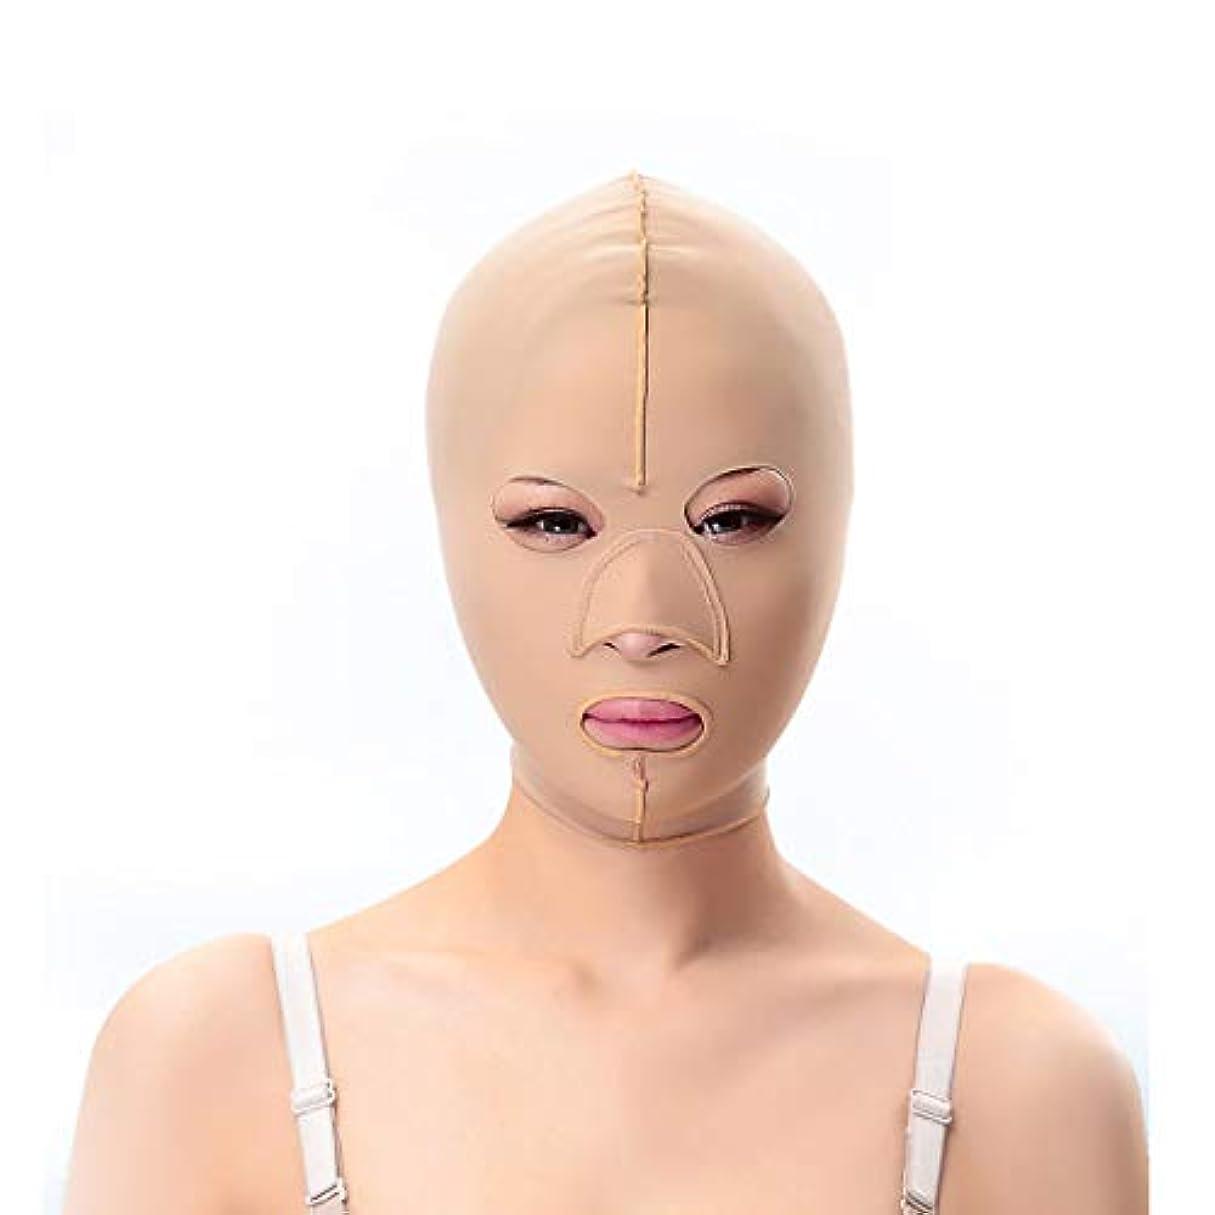 資源喜ぶ両方痩身ベルト、フェイシャルマスク薄いフェイスマスクを脇に持ち上げる二重あご引き締め顔面プラスチックフェイスアーティファクト強力なフェイス包帯 (Size : S)